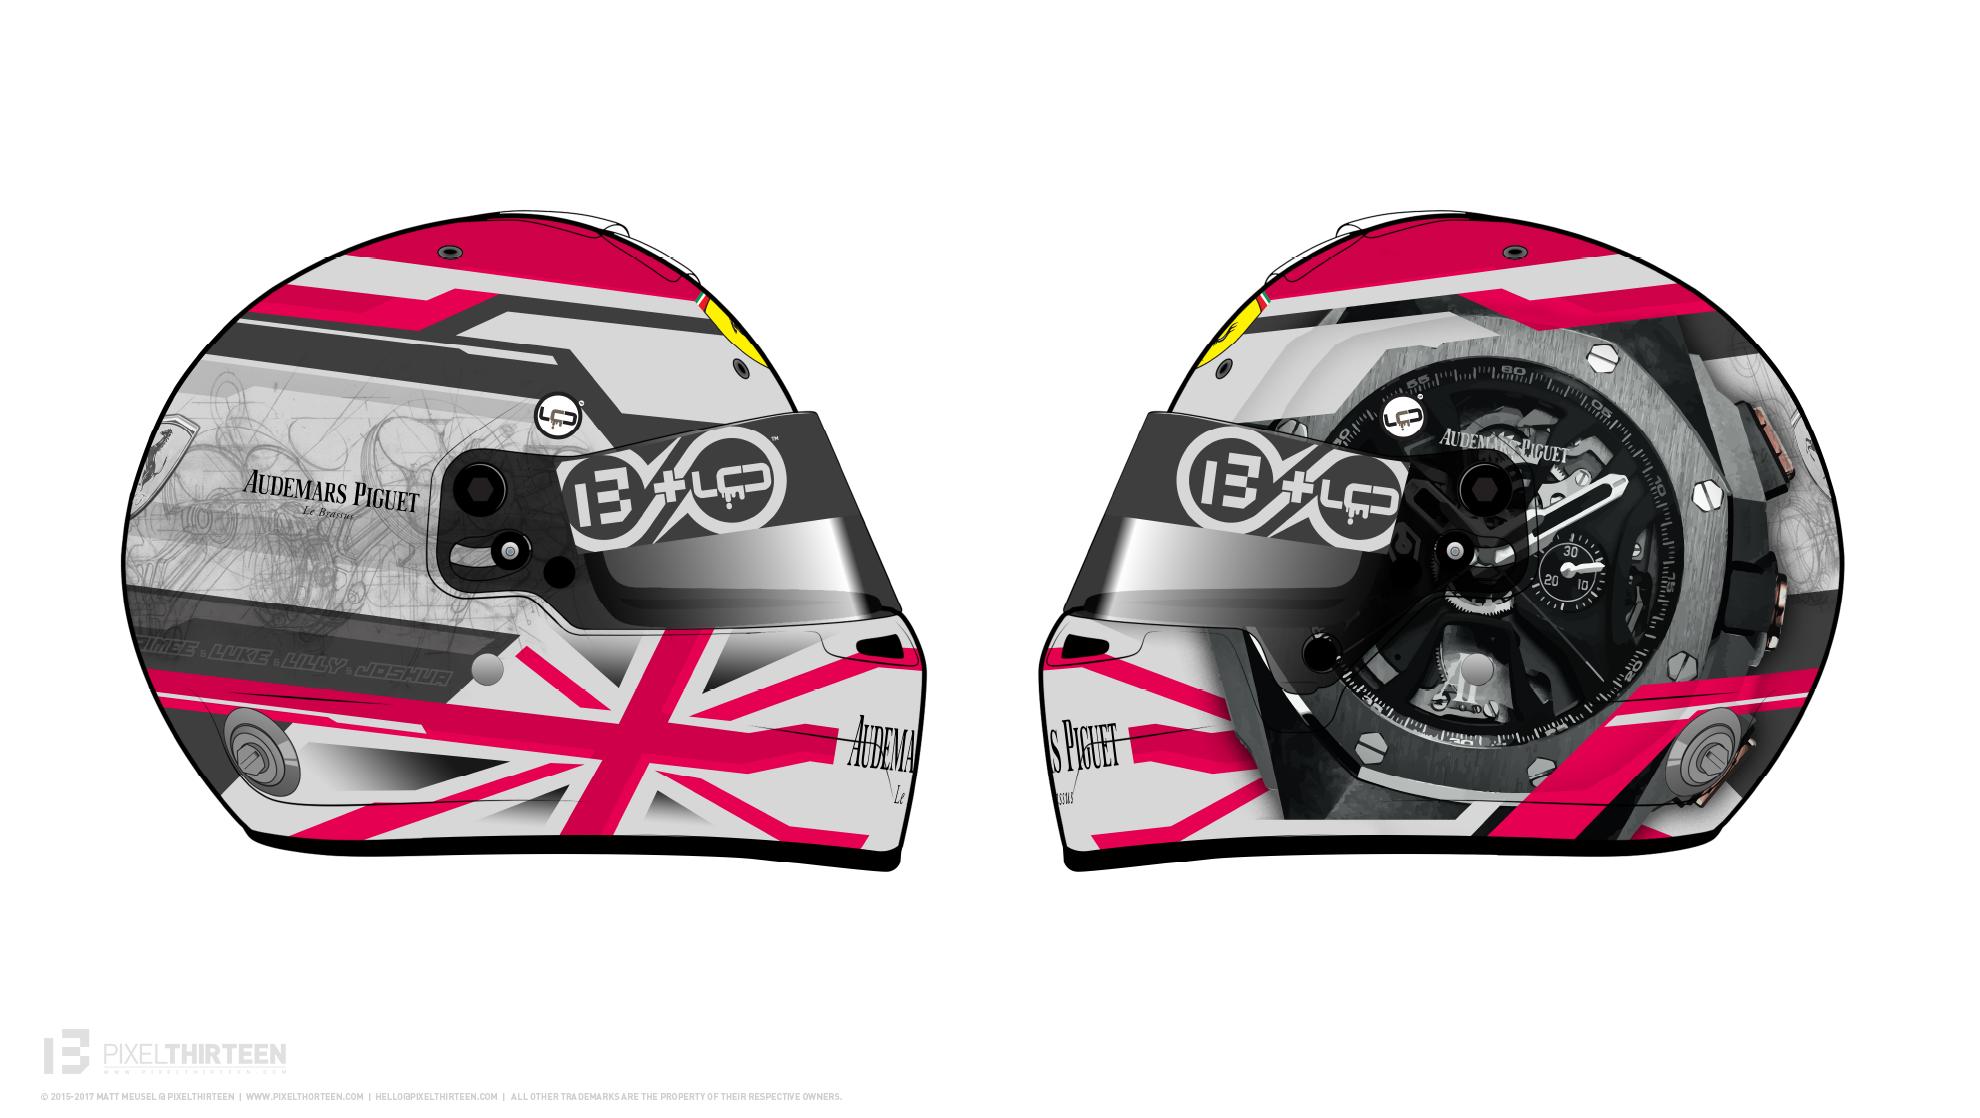 Racing Helmet Design done by PIXELTHIRTEEN